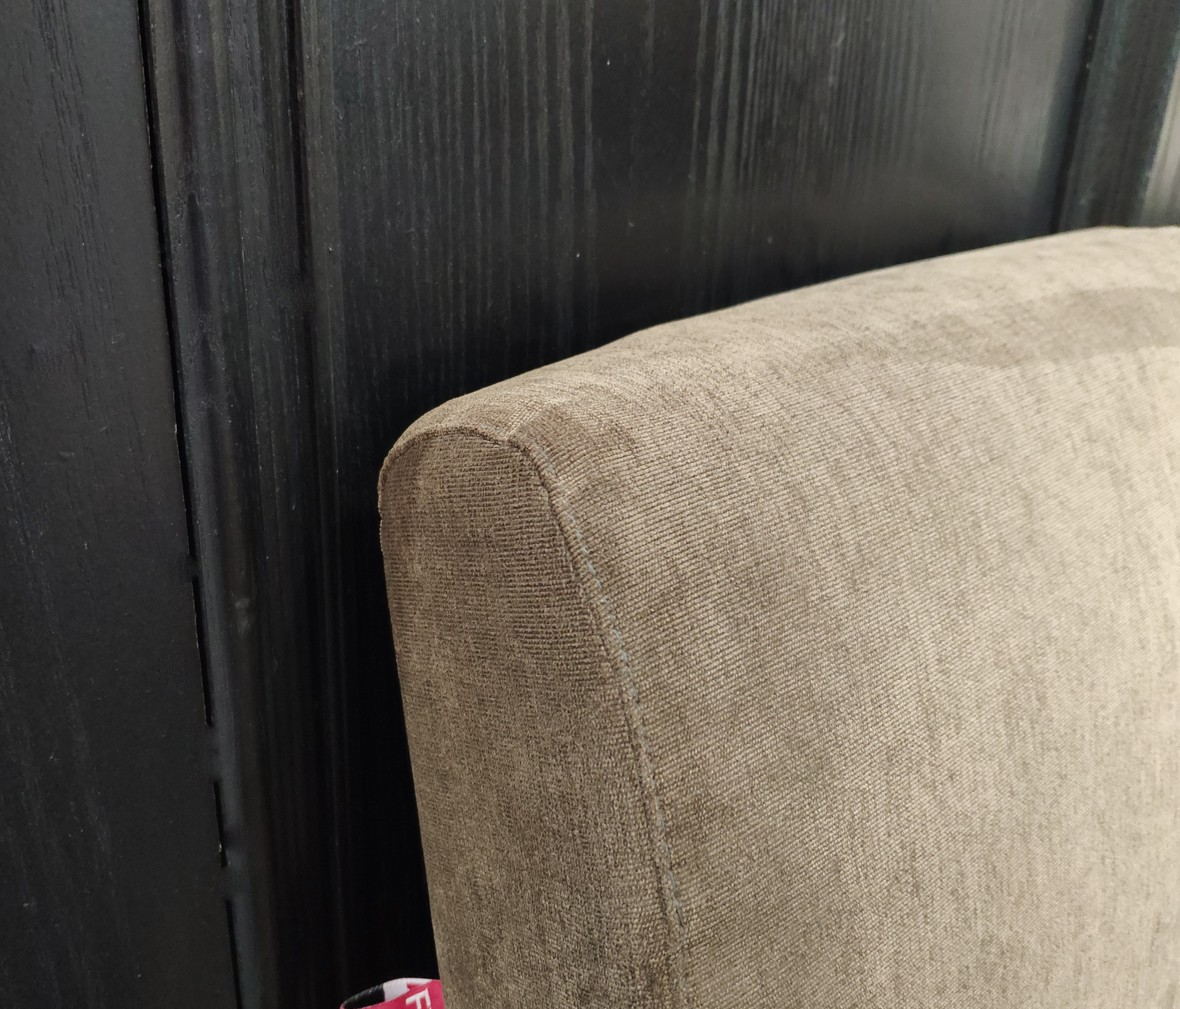 非同家具 里尔儿童沙发 优质布艺材质 儿童家具 图片、价格、品牌、评测样样齐全!【蓝景商城正品行货,蓝景丽家大钟寺家居广场提货,北京地区配送,领券更优惠,线上线下同品同价,立即购买享受更多优惠哦!】